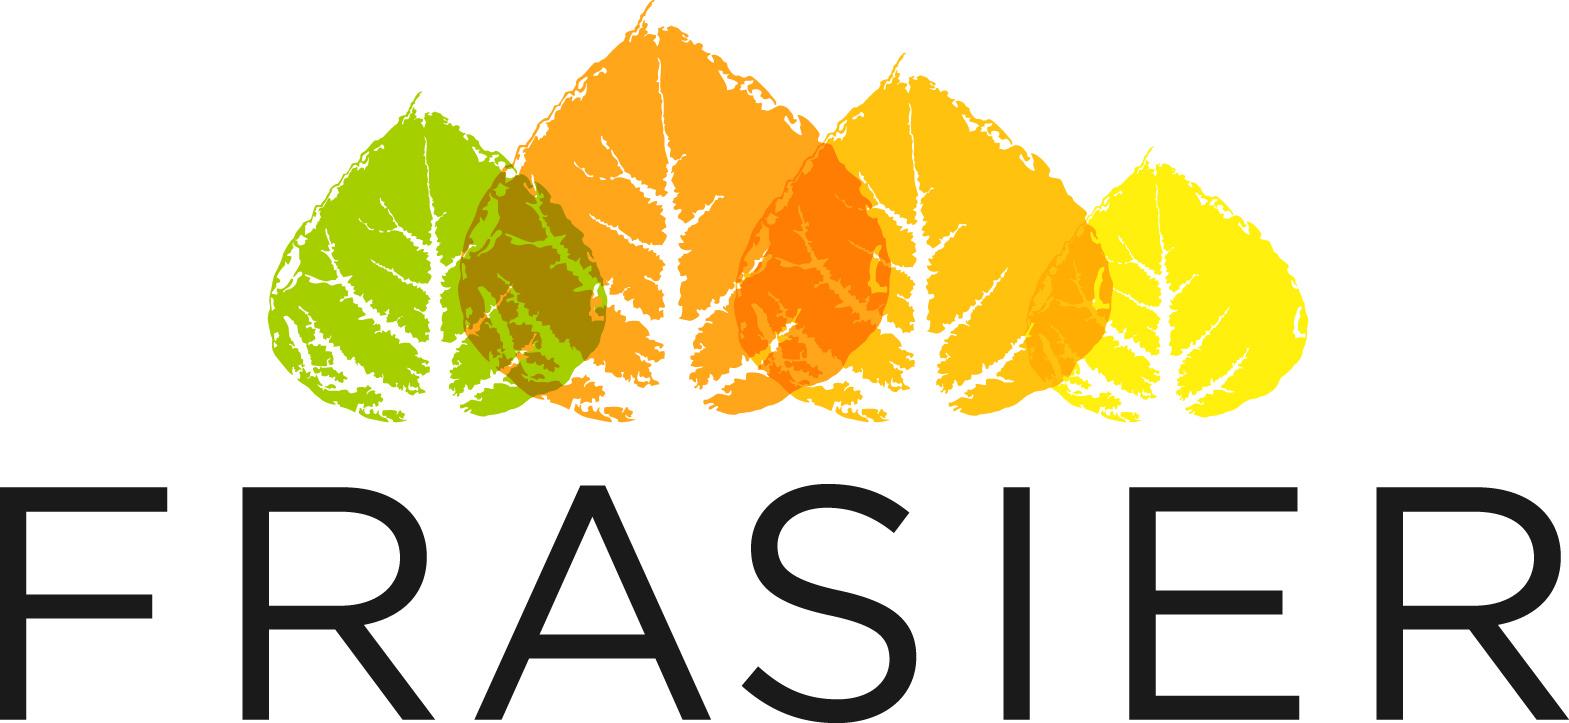 Frasier logo.jpg